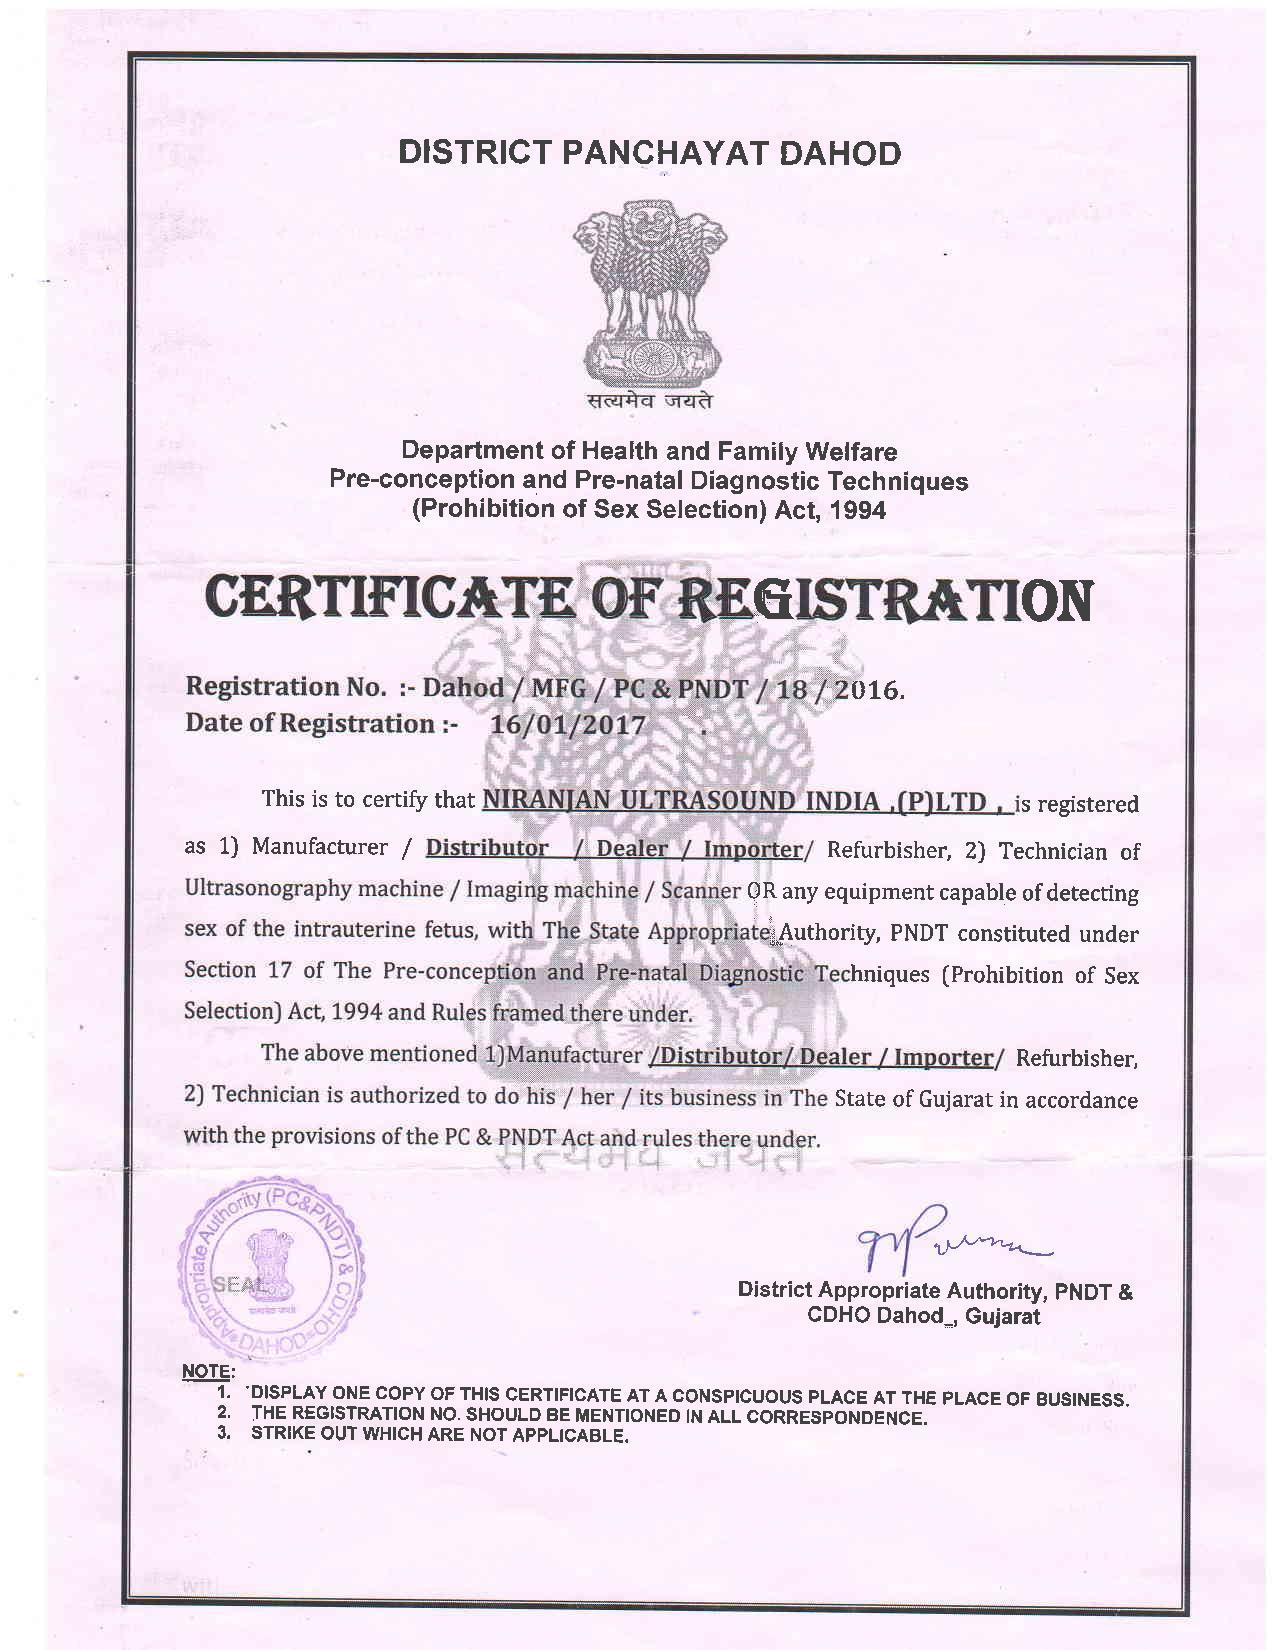 Dahod PNDT Certificate